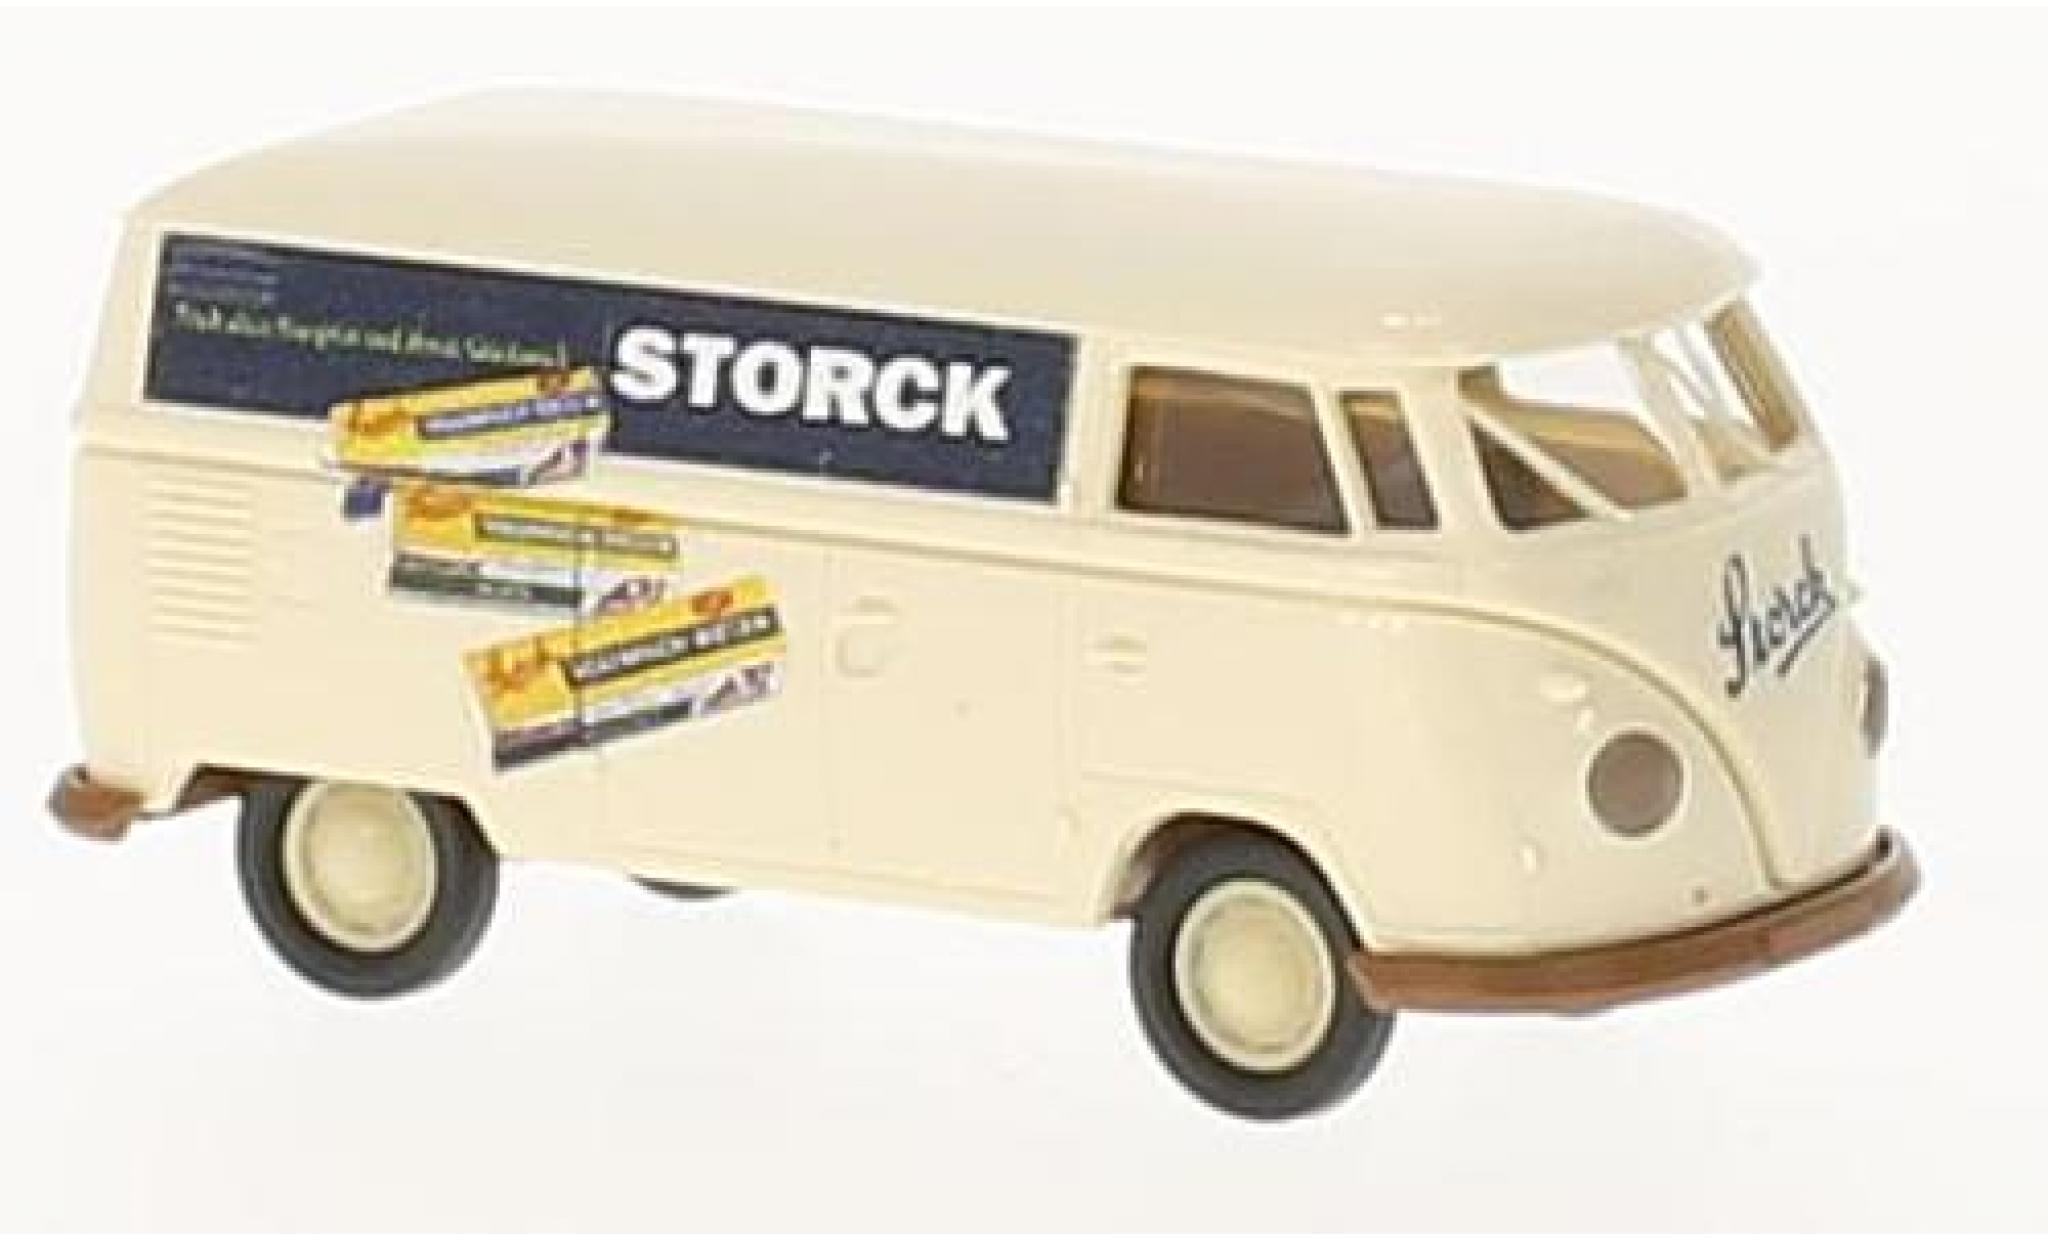 Volkswagen T1 1/87 Brekina b Kasten Storck